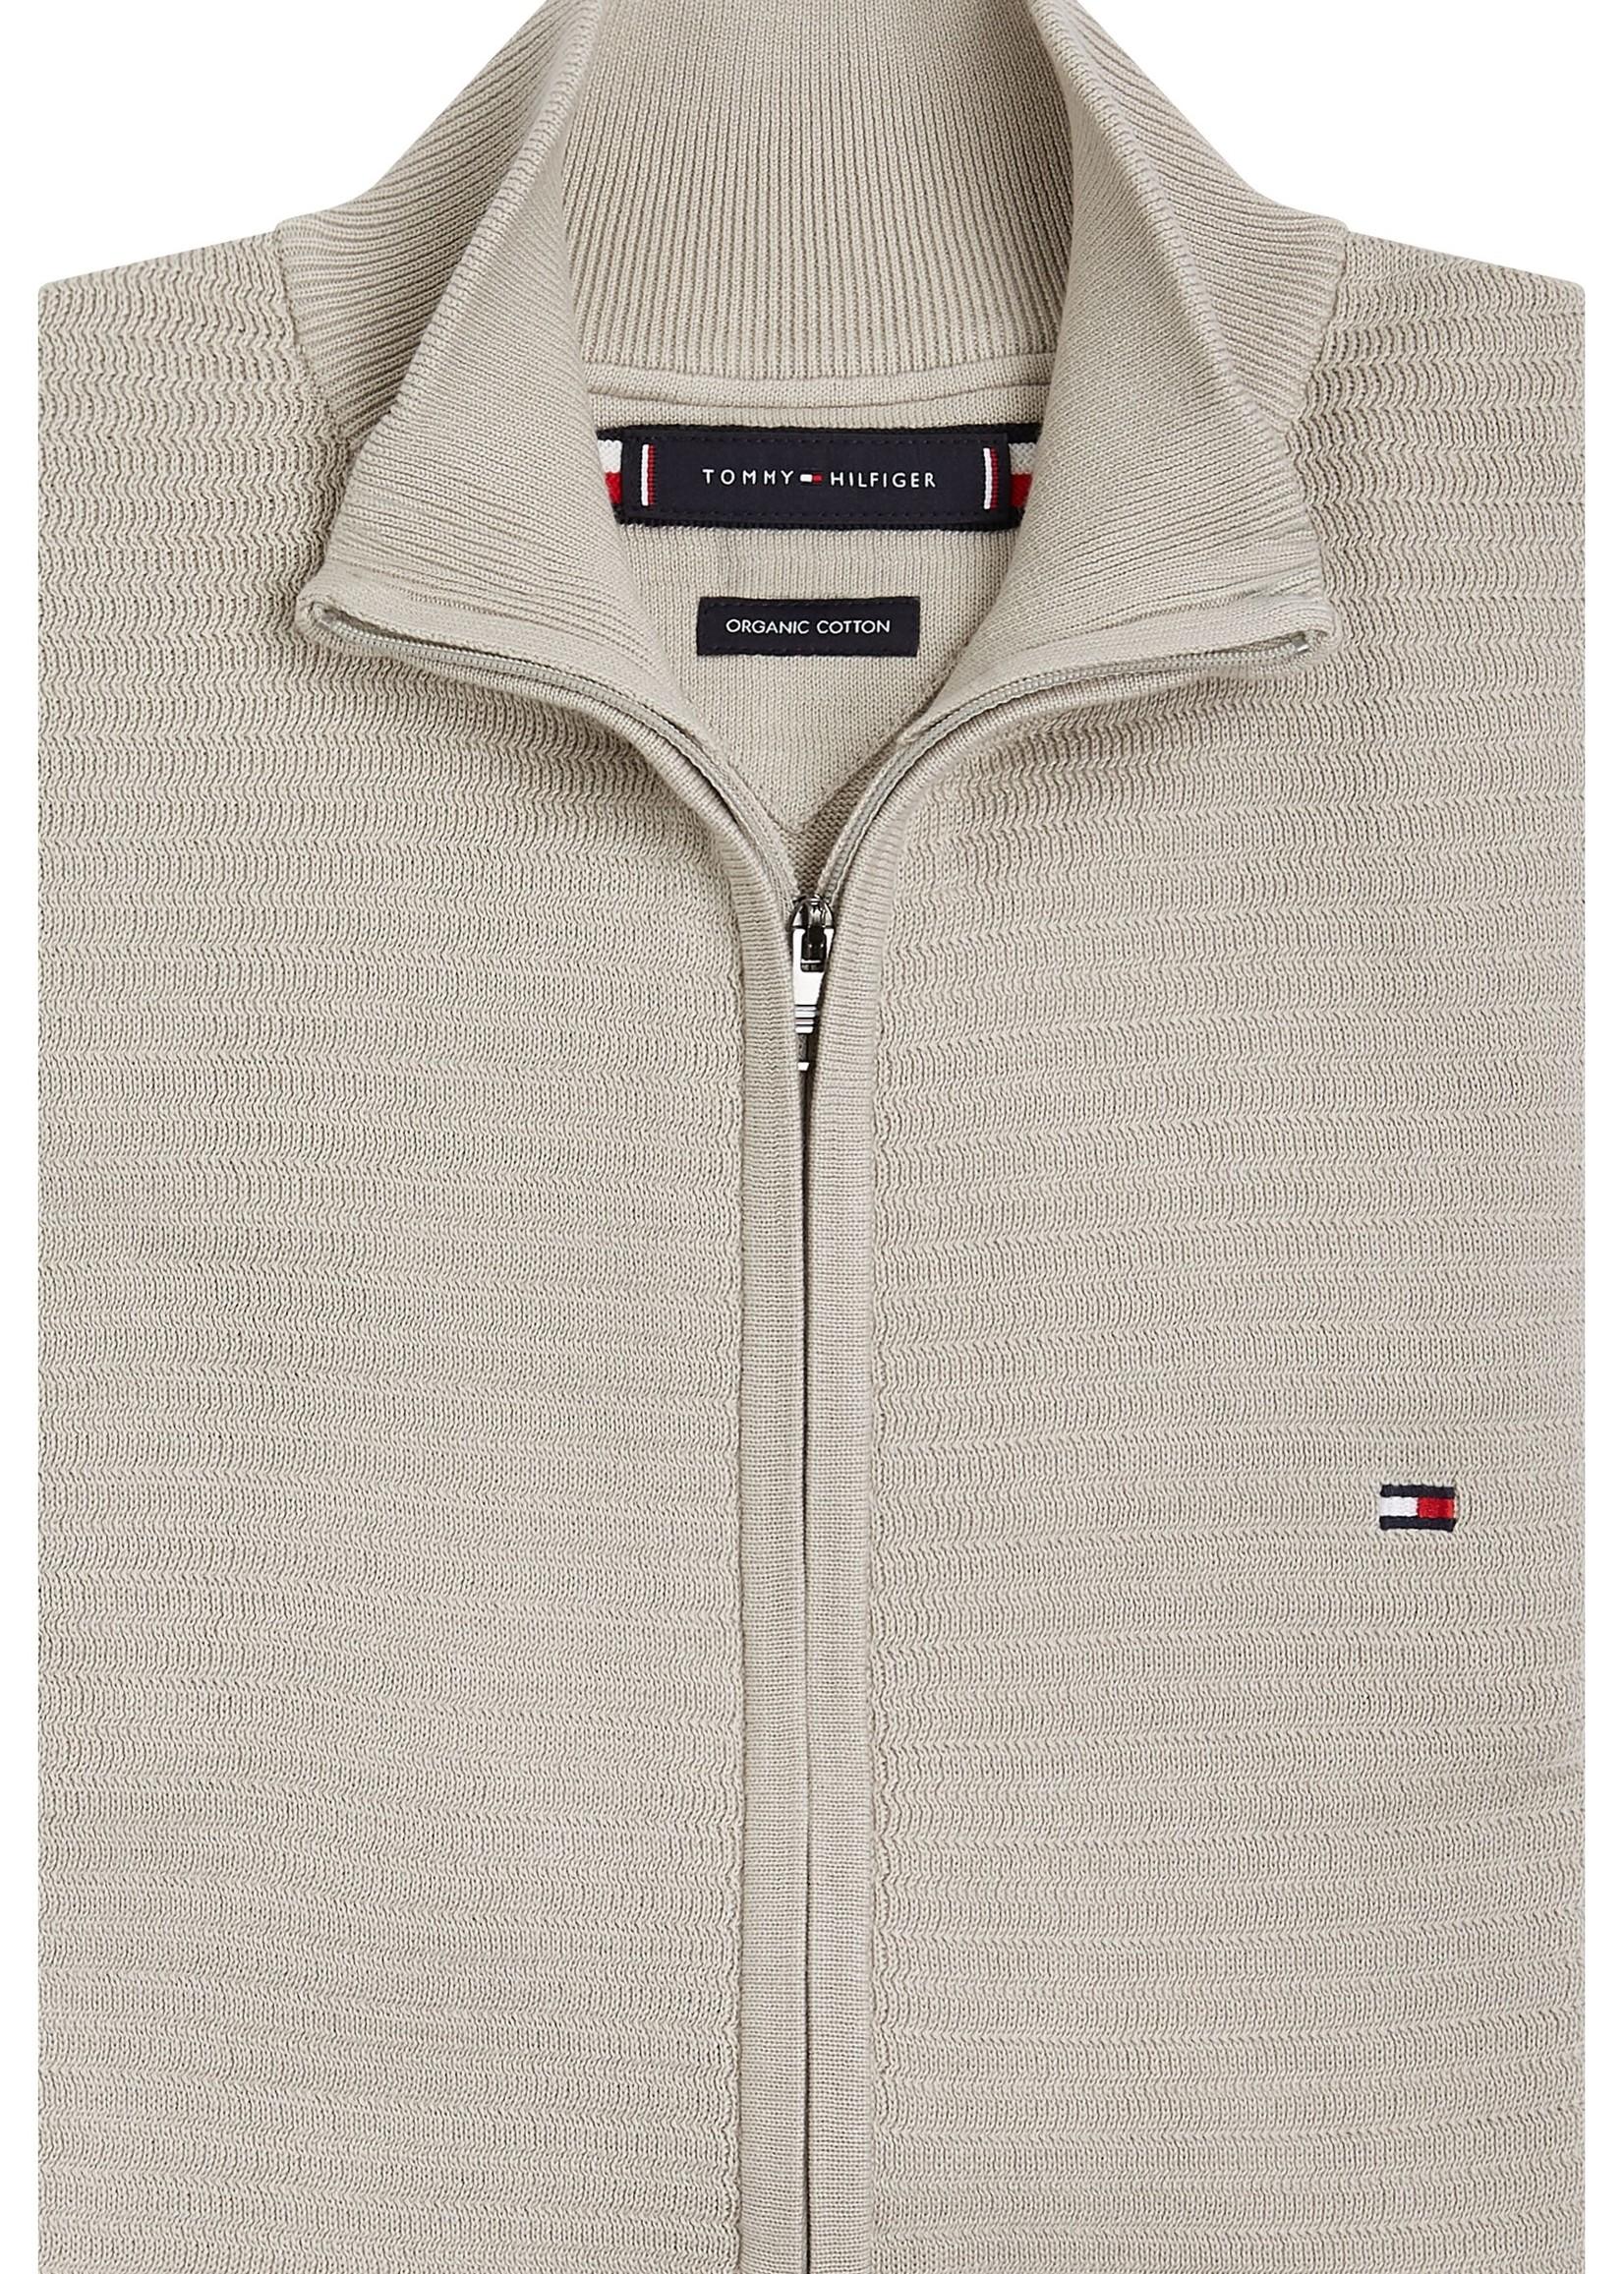 Tommy Hilfiger Textured Stripe Zip-Thru Cardigan | Beige | Tommy Hilfiger